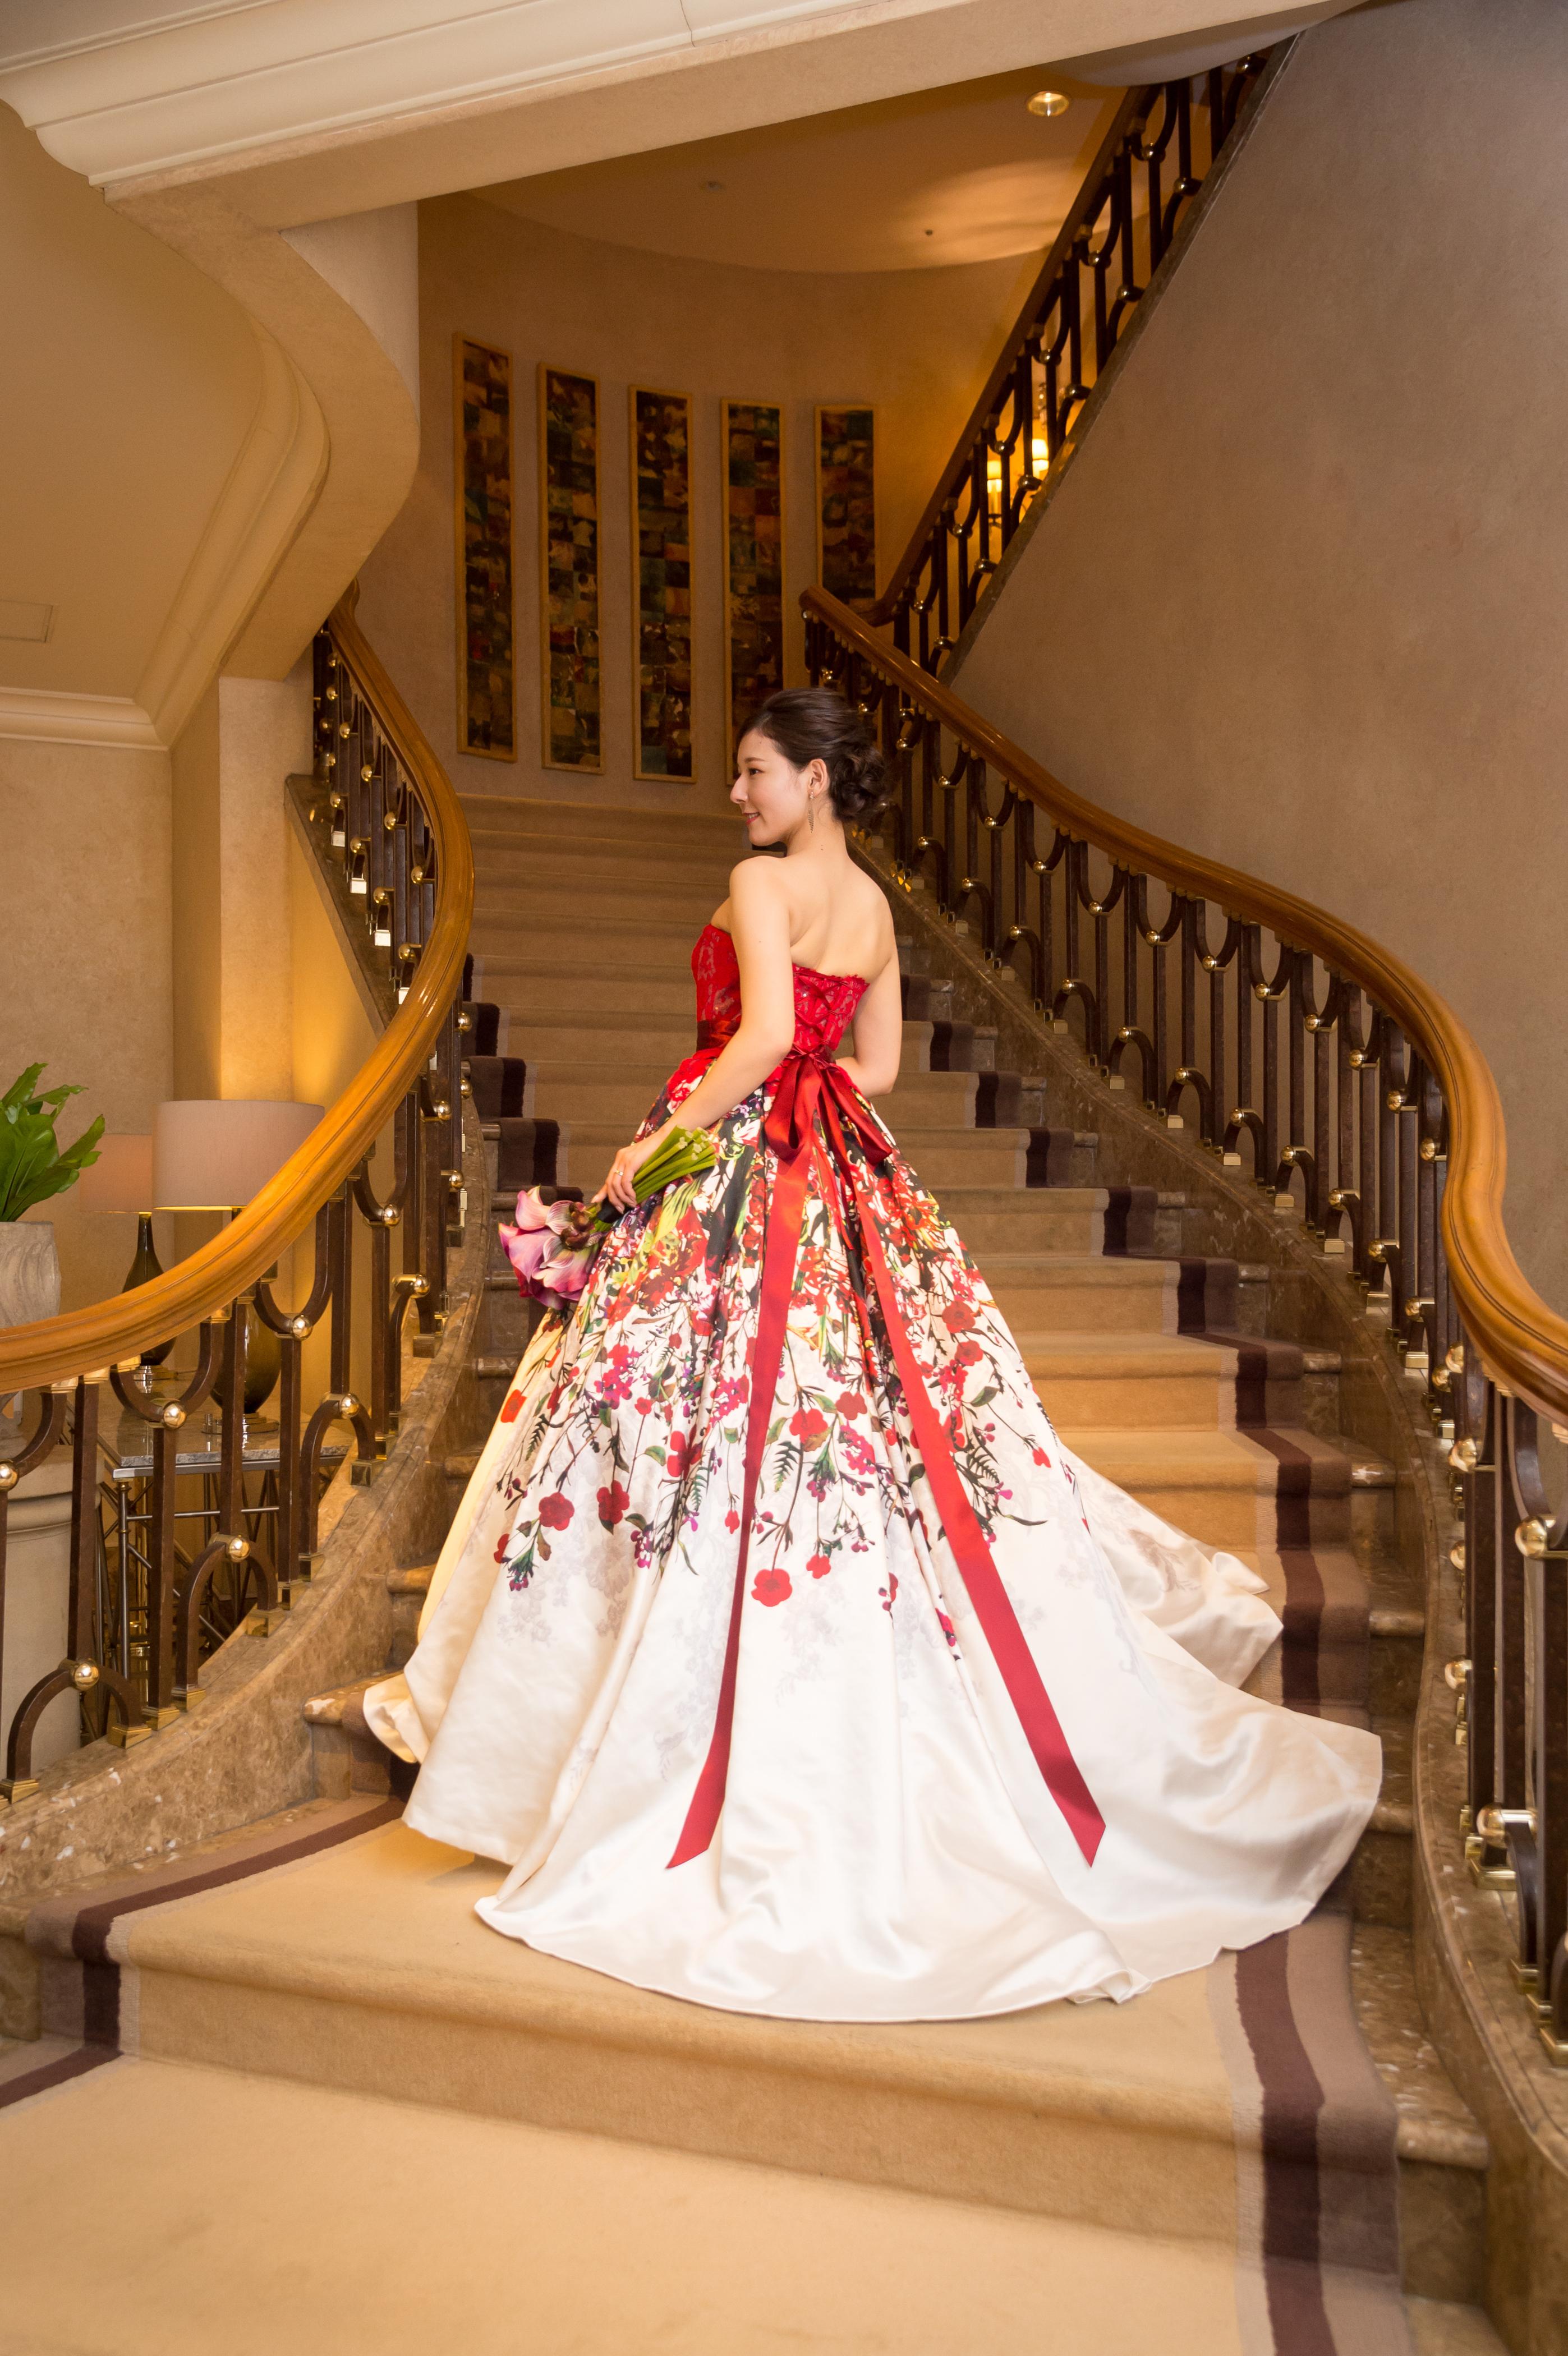 ハーディーエイミスのフラワー柄のドレス HAD-03120